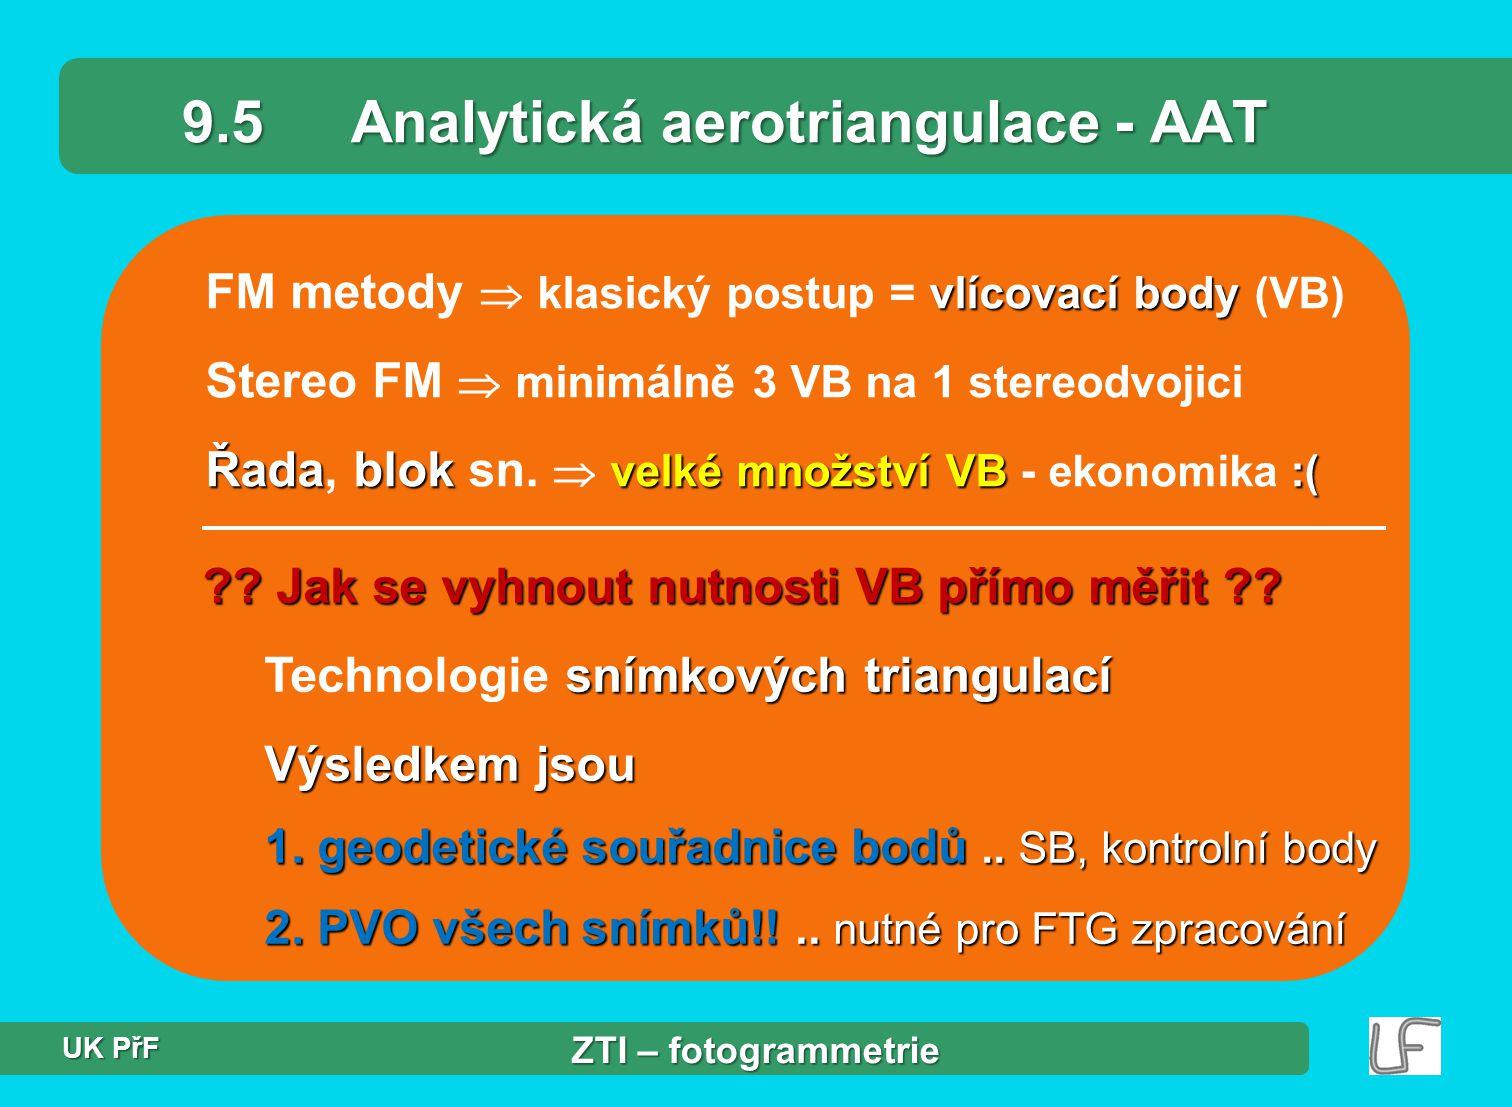 9.5 Analytická aerotriangulace - AAT